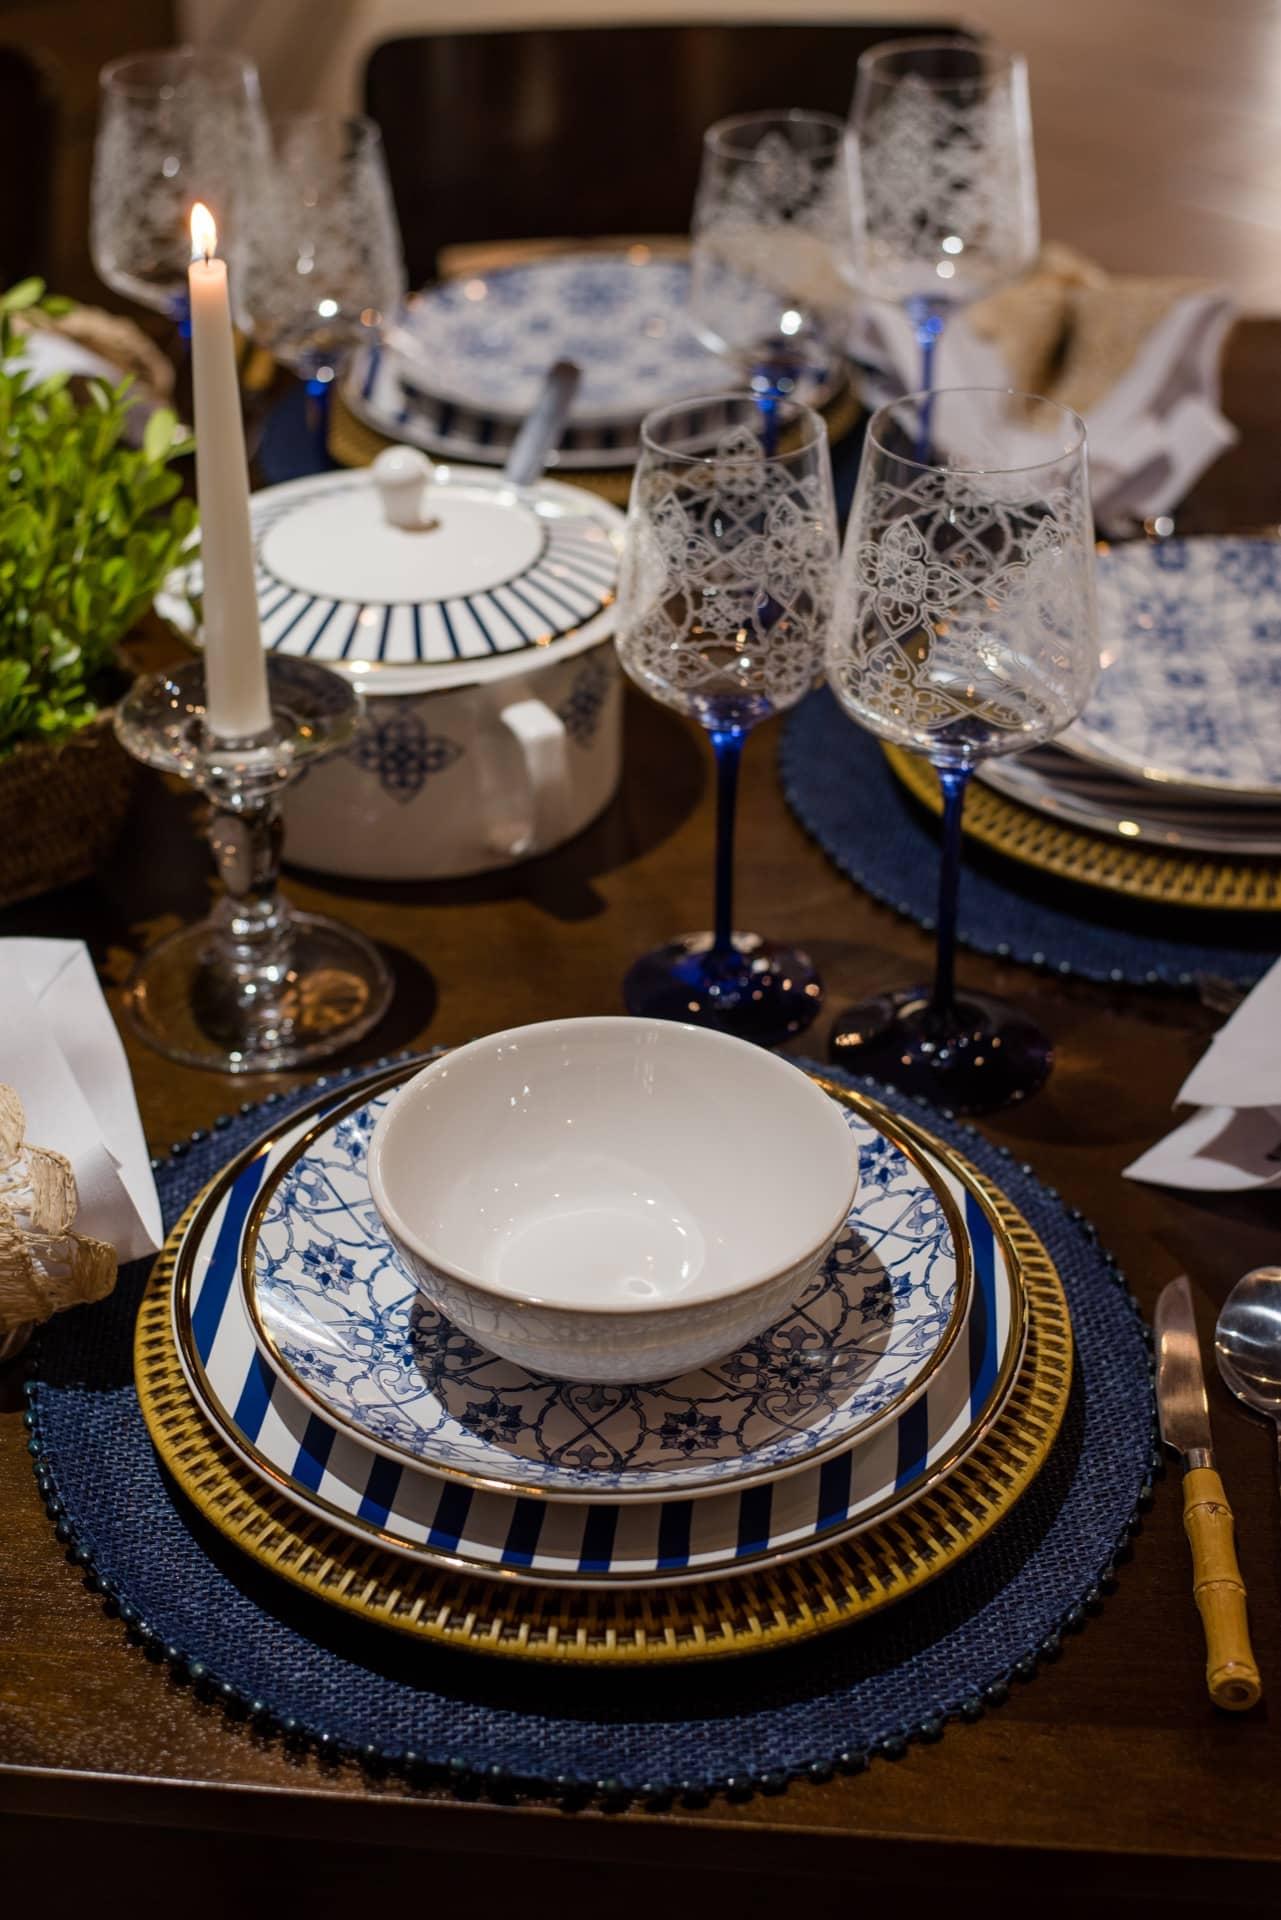 Imagem: Nos dias frios, os convidados vão adorar um caldo perfumado como entrada. Pratos e sopeira da coleção Coup Lusitana, da Oxford Porcelanas. O bowl também é da Oxford Porcelanas.Foto: Karla Rudnick